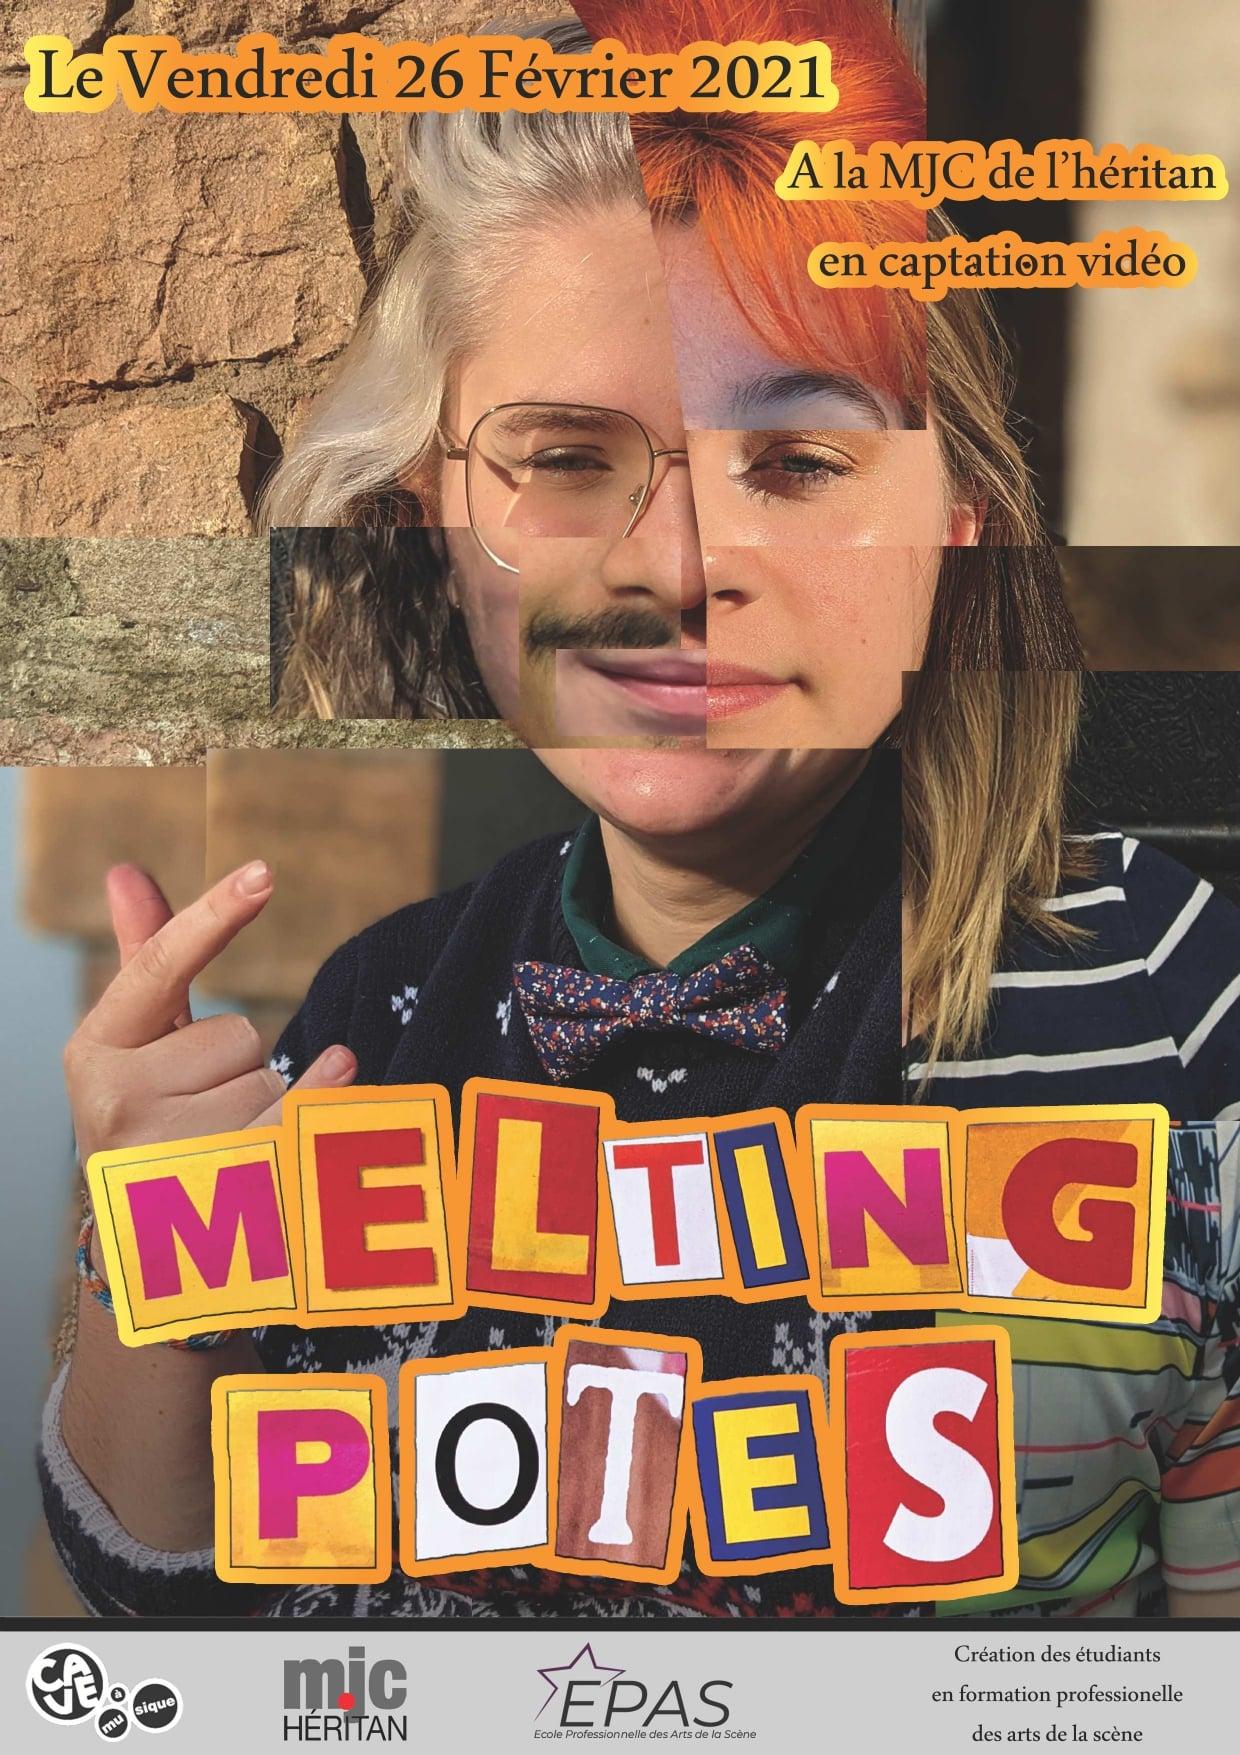 Affiche du spectacle pluridisciplinaire Melting Potes par les artistes étudiants à l'EPAS, MJC Héritan à macon, fevrier 2021